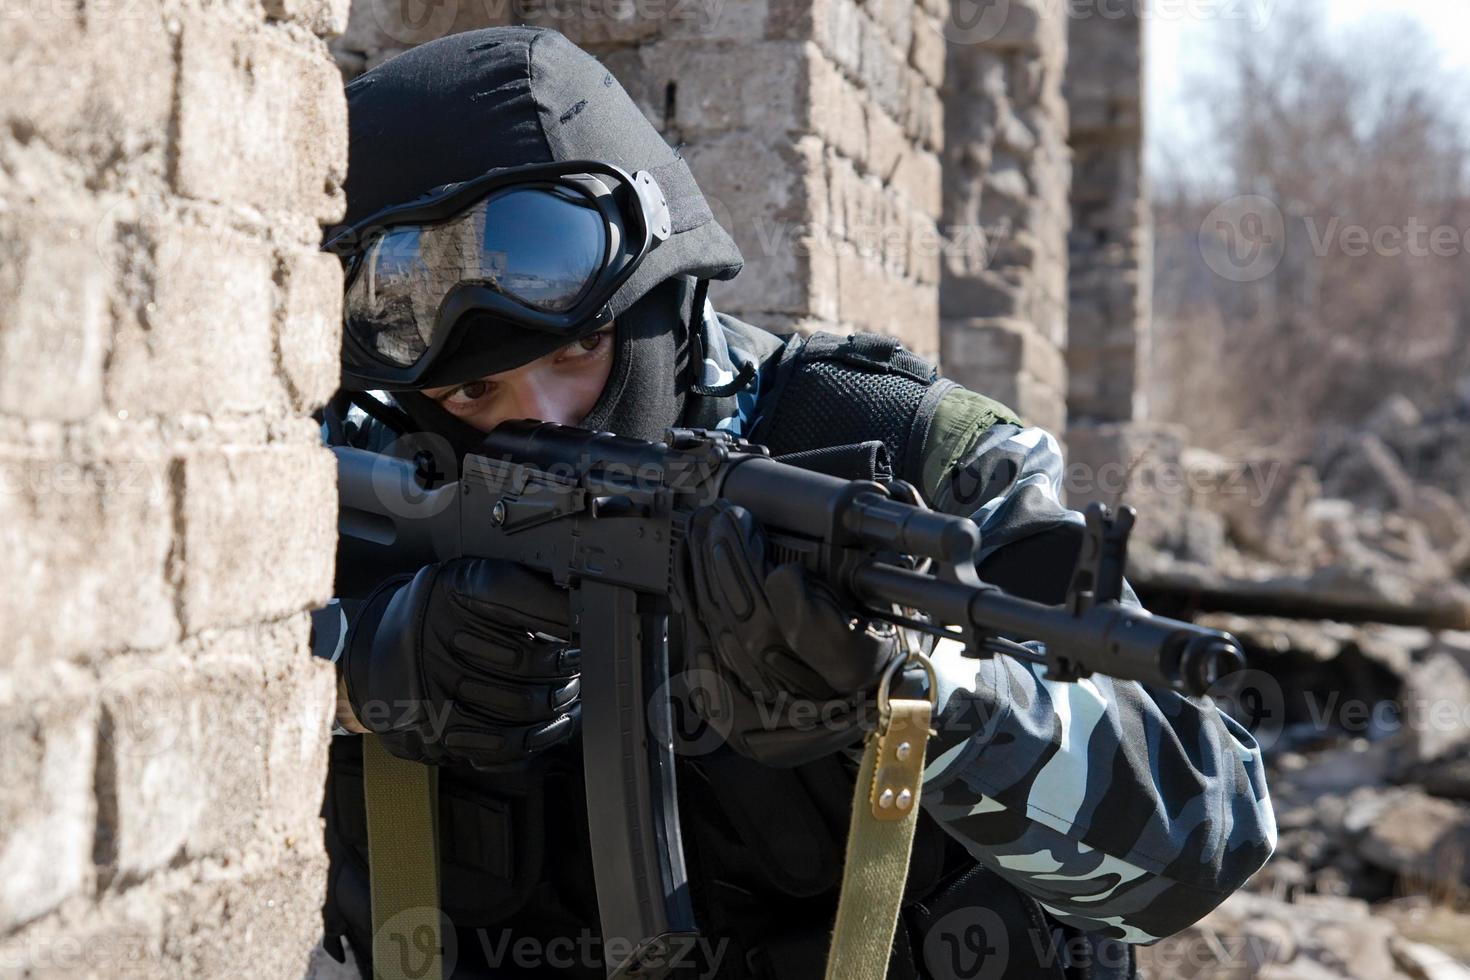 Soldat, der mit einem automatischen Gewehr auf ein Ziel zielt foto